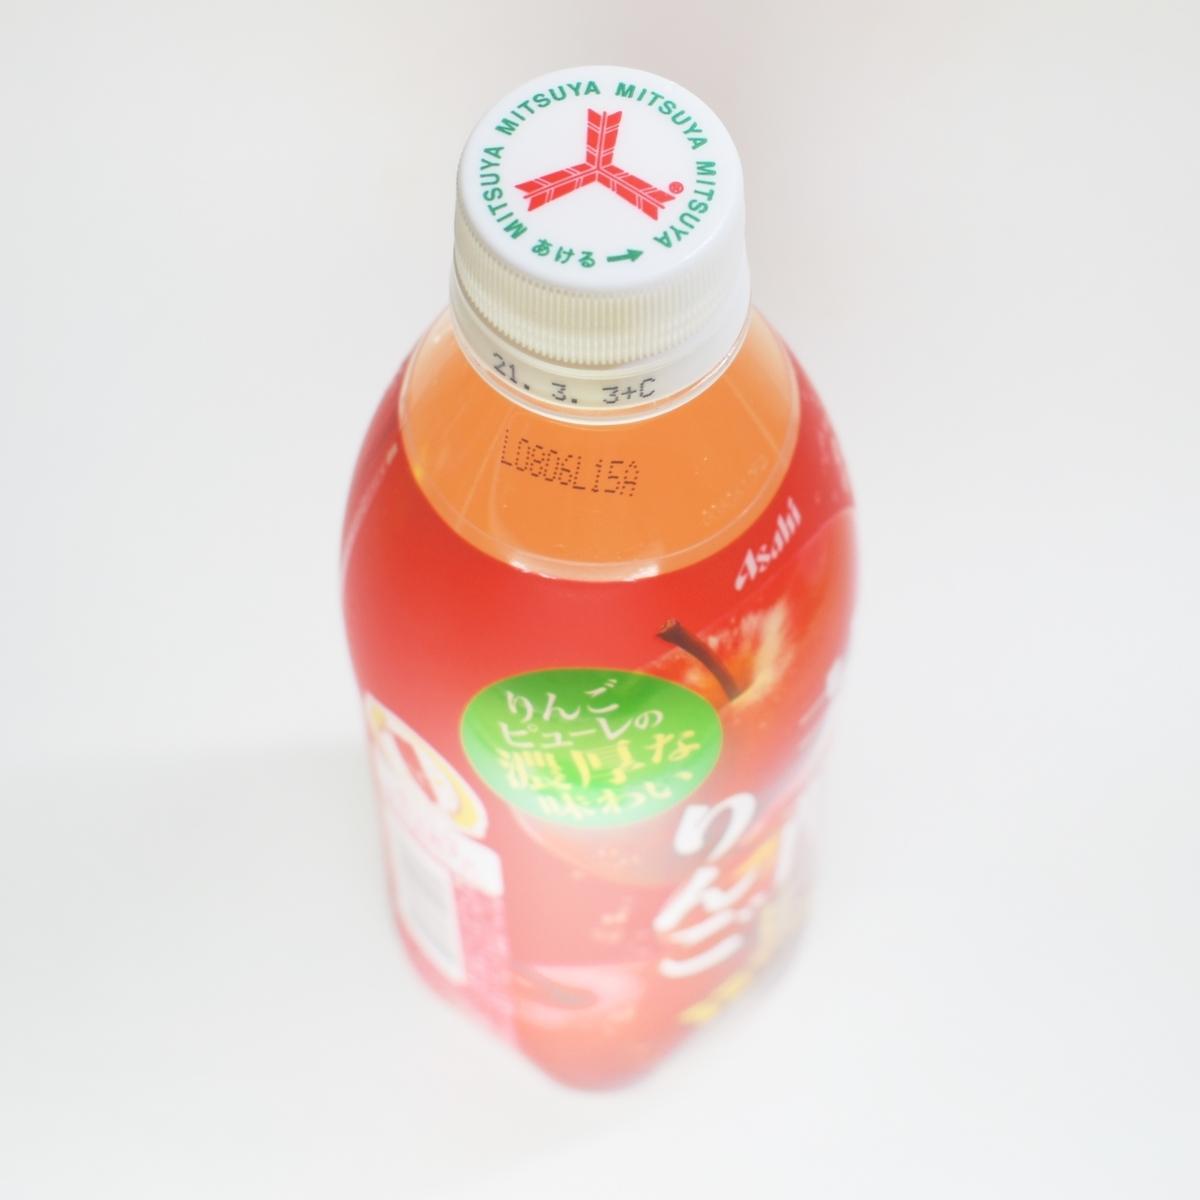 アサヒ飲料,三ツ矢,芳醇りんご,ペットボトルキャップ